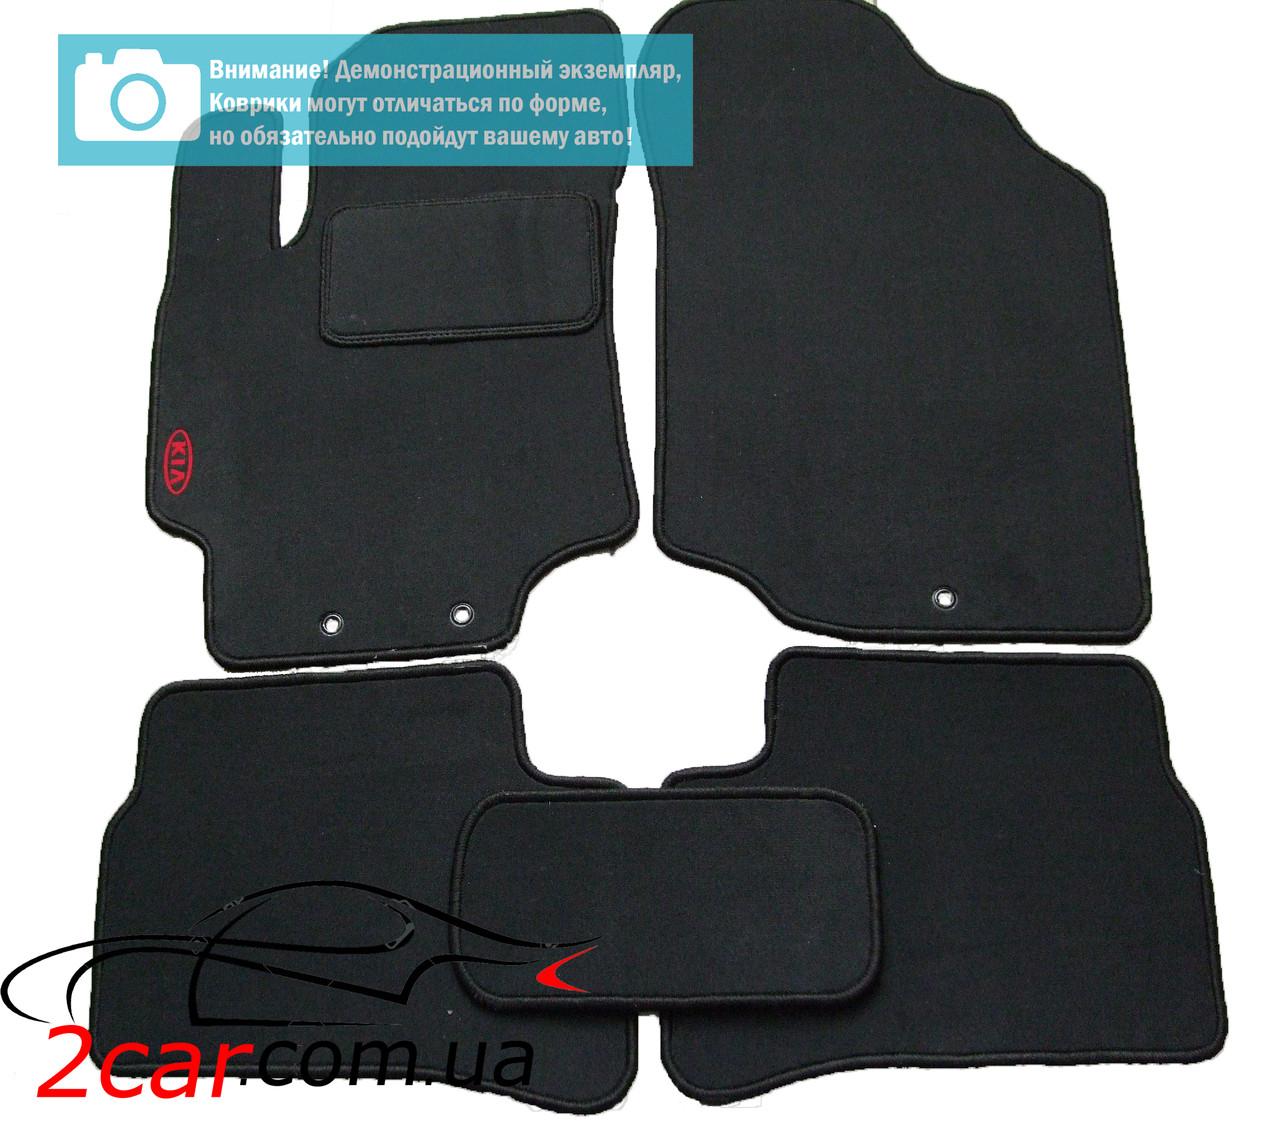 Текстильные коврики в салон для ВАЗ 2113 (серые) (StingrayUA)